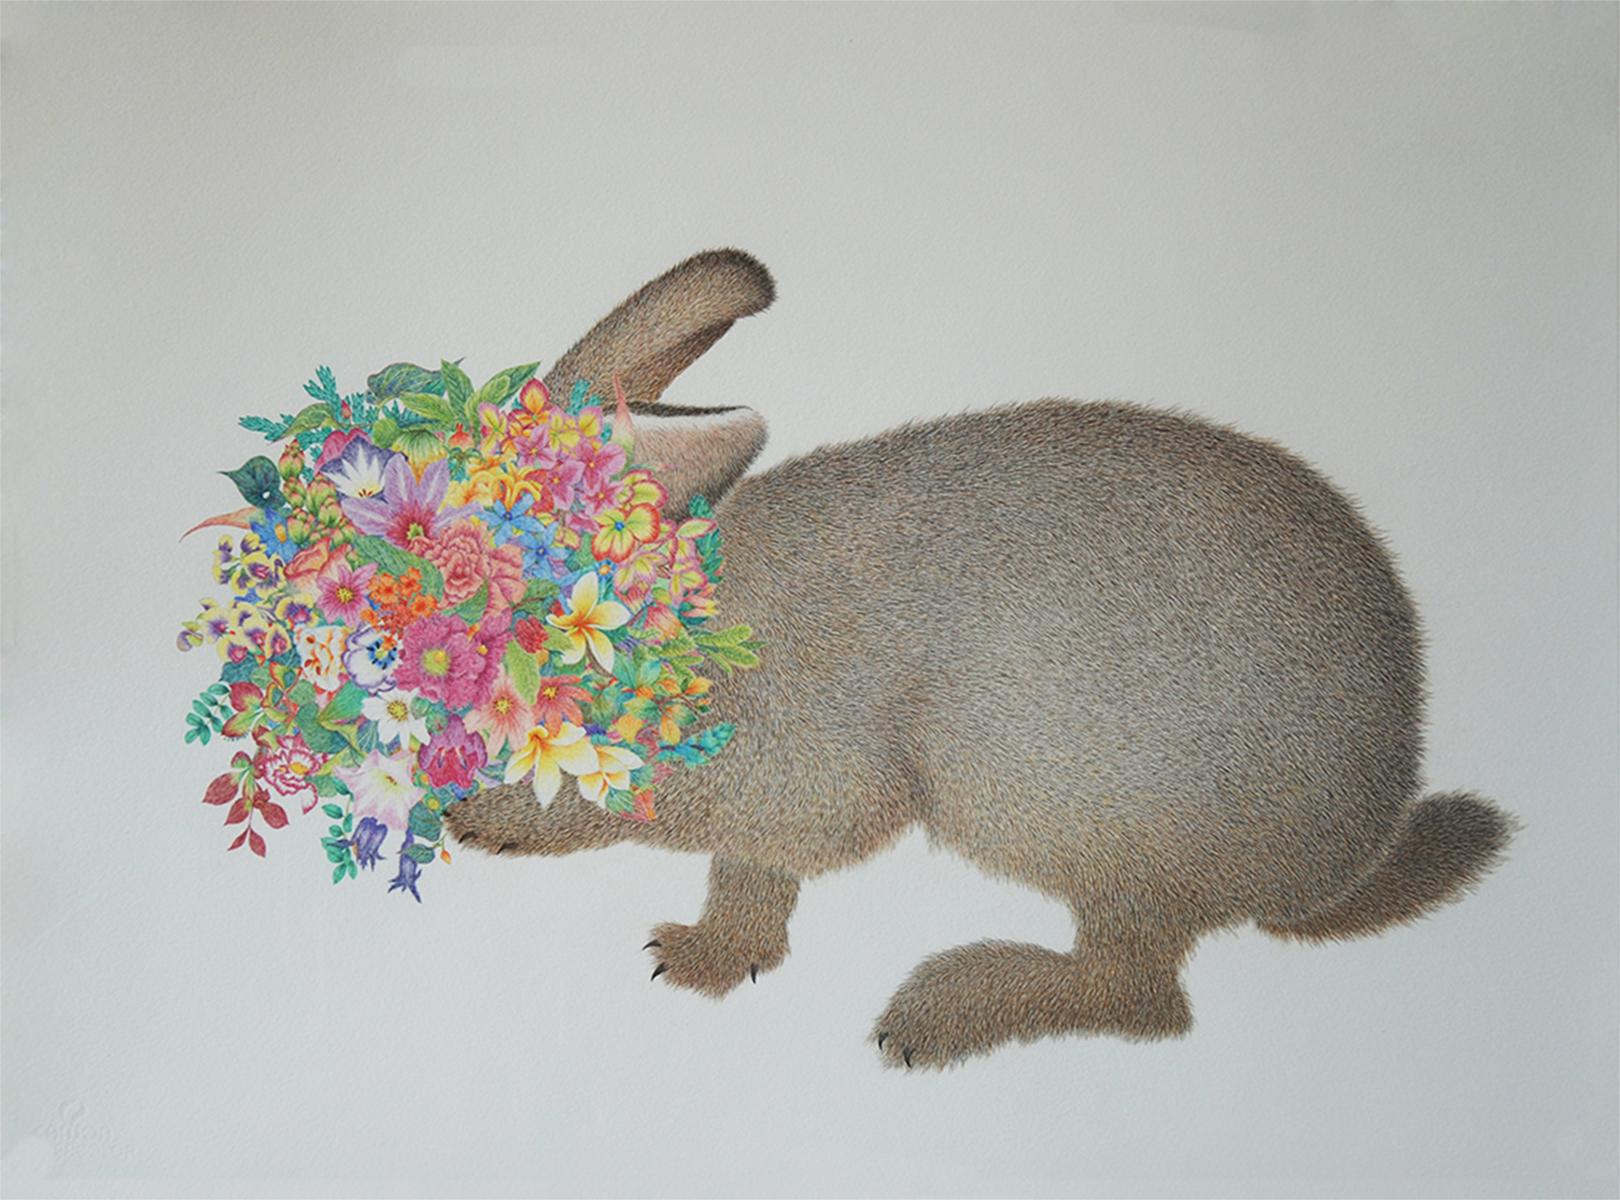 Rabbit, 58x77cm, color pencil on paper, 2013 兔子 58X77cm 纸上彩色铅笔 2013.jpg